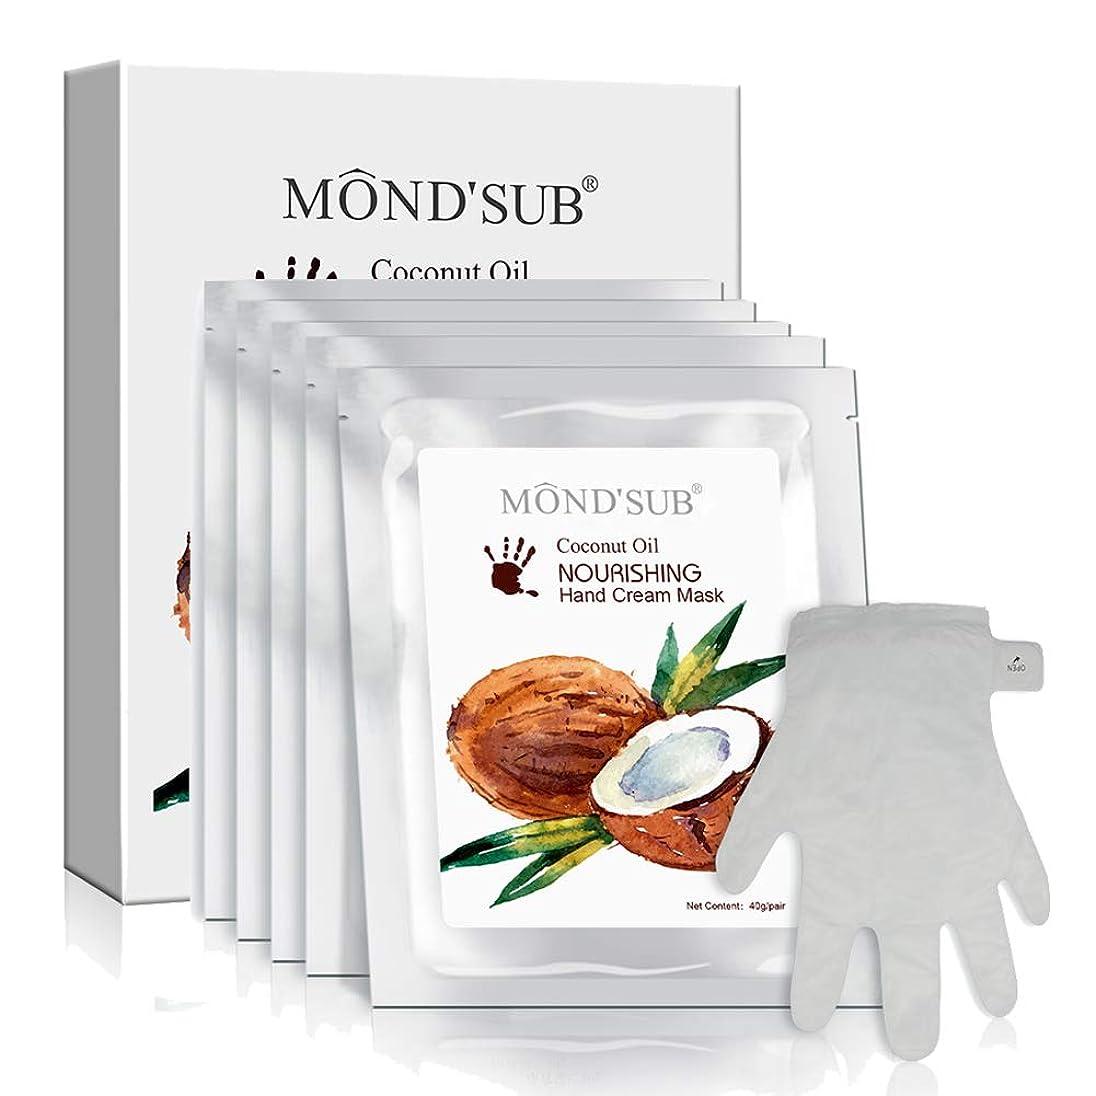 冷蔵庫トライアスロン悲しいことに[MOND'SUB]ハイドハンド&ネイルマスクベスト - 乾いた手のための健康的なココナッツオイル保湿手袋 - オーガニックエッセンスハイド&ナリシングハンドとの完全なあなたのスキン(5ペア)保護マスク